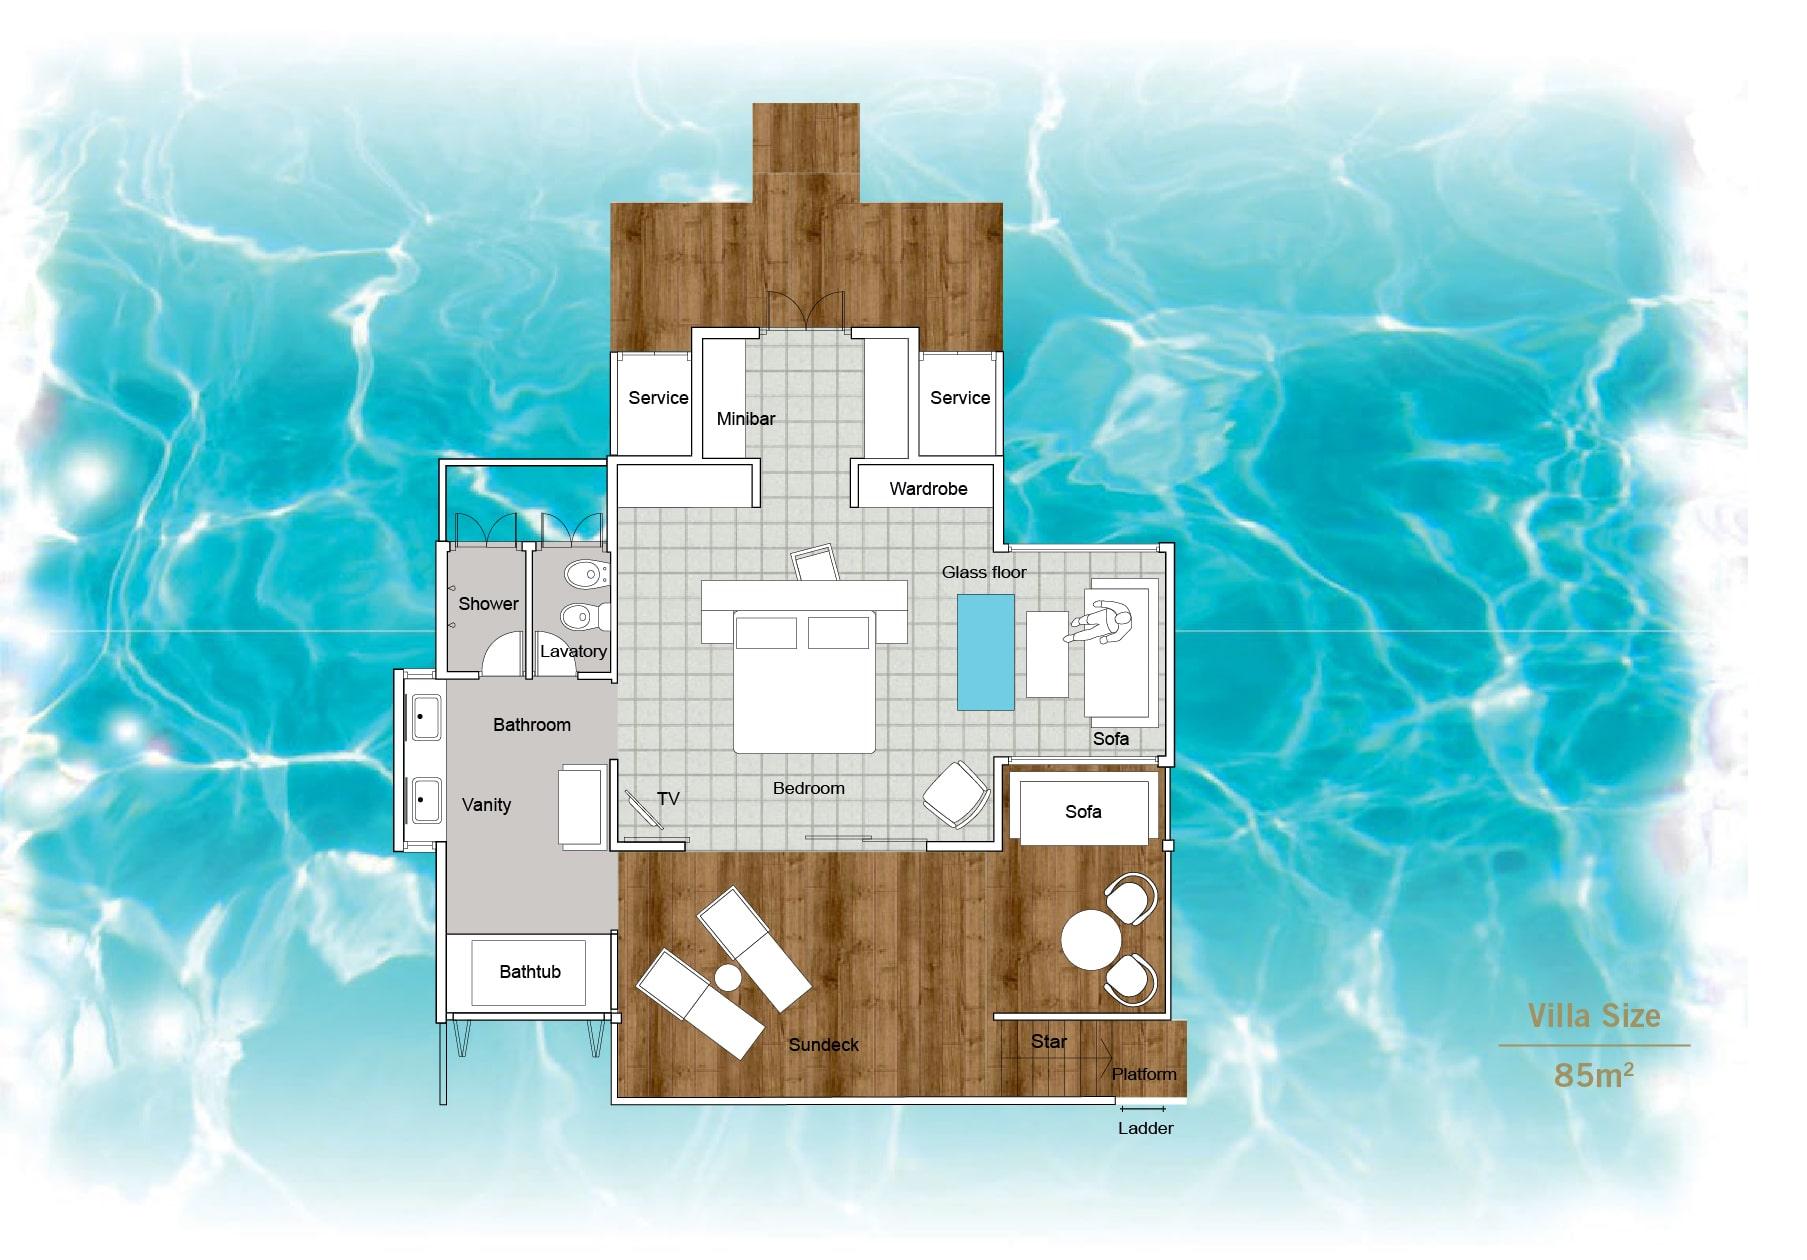 Мальдивы, отель Sun Siyam Iru Fushi, план-схема номера Water Villa